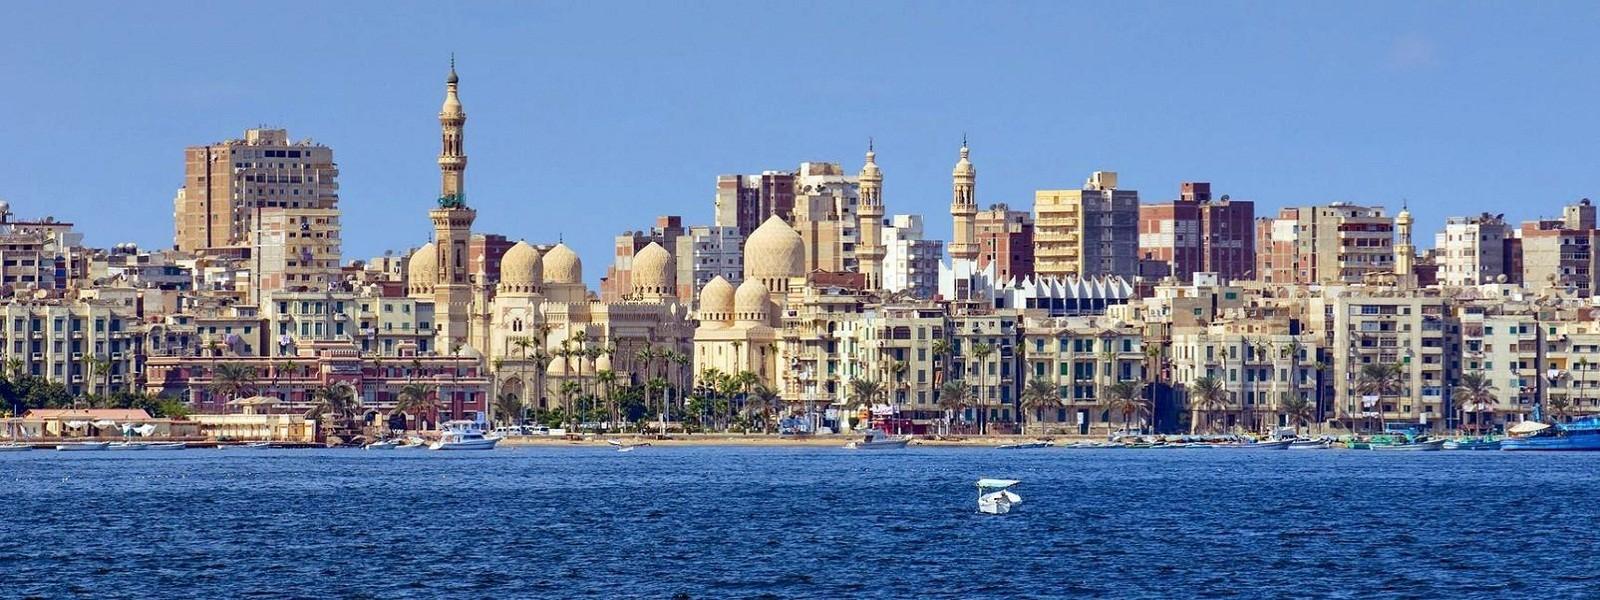 Александрия фото 26